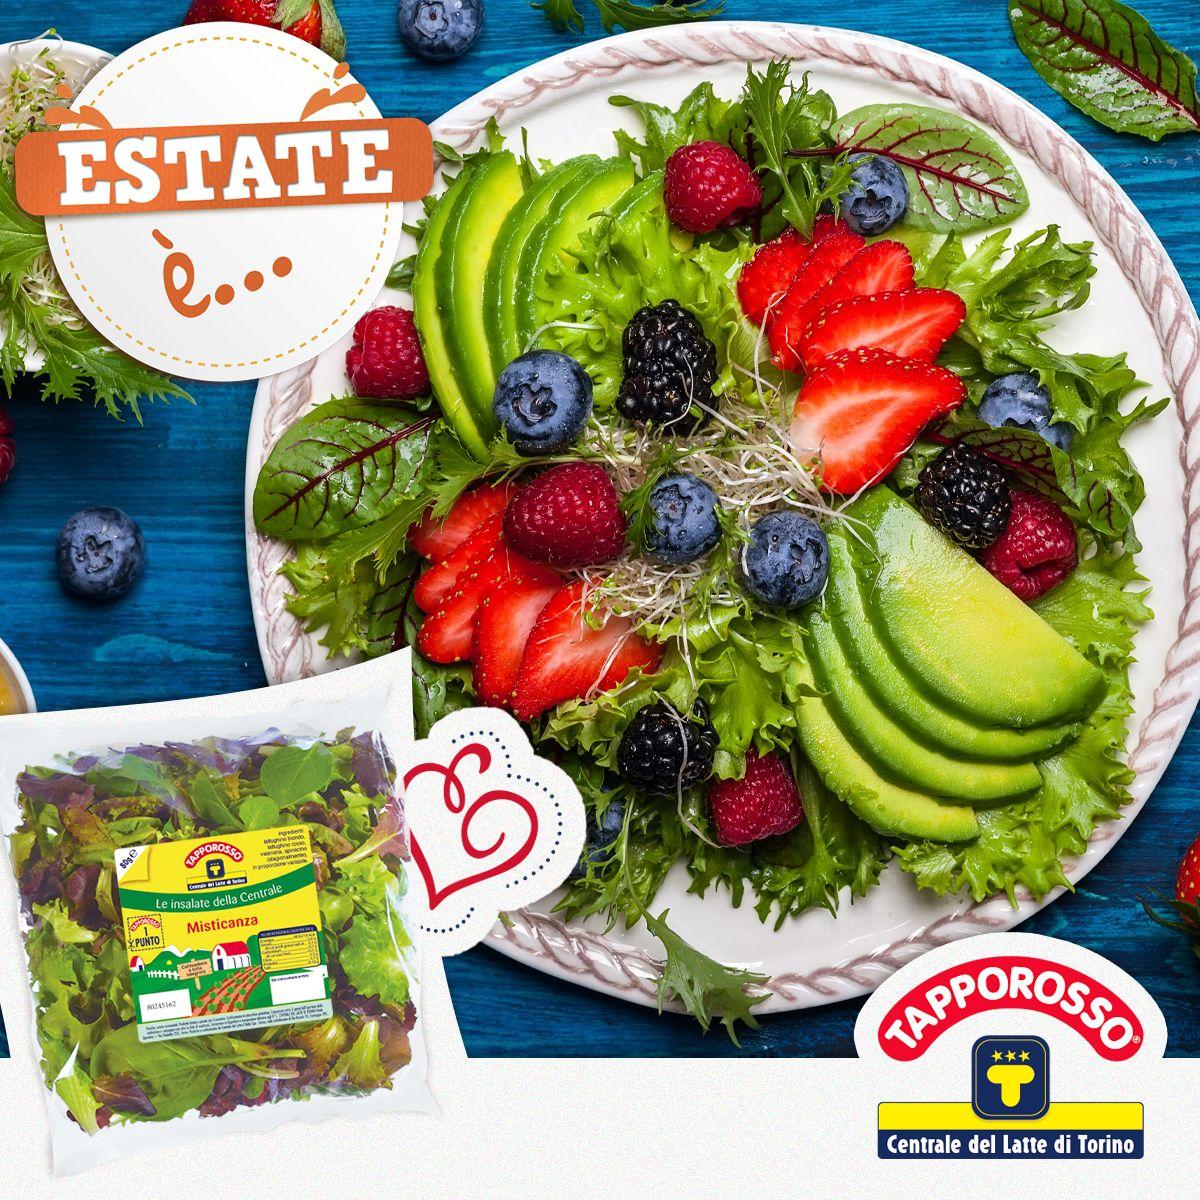 #Estate è... la tua #insalataMista arricchita con i tuoi ingredienti preferiti.  - Ukustom